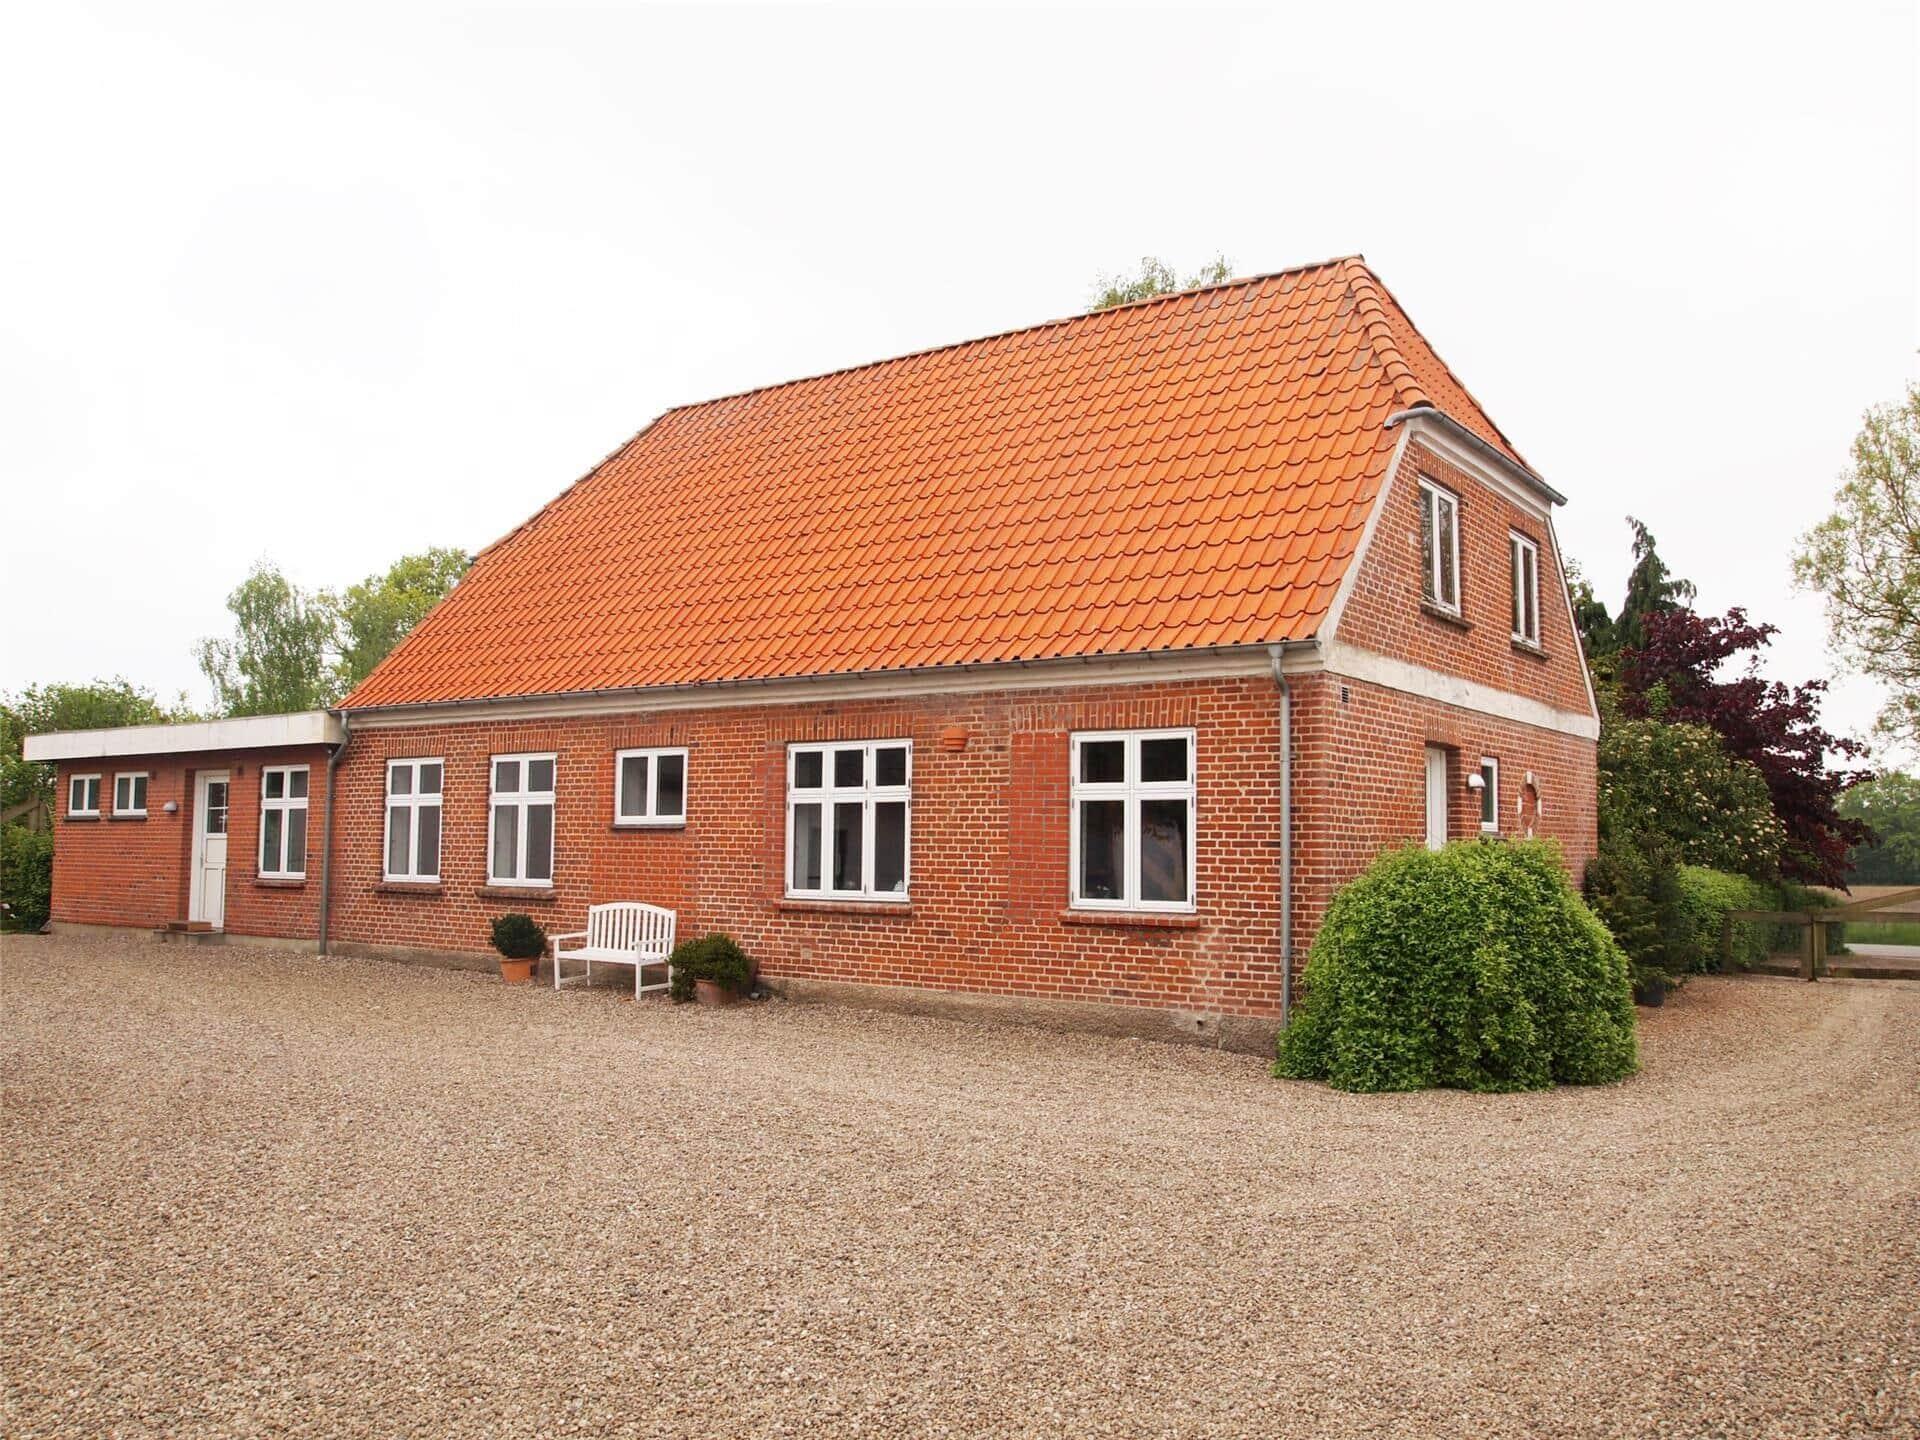 Billede 1-3 Sommerhus F50349, Højrup Overskovvej 44, DK - 6560 Sommersted